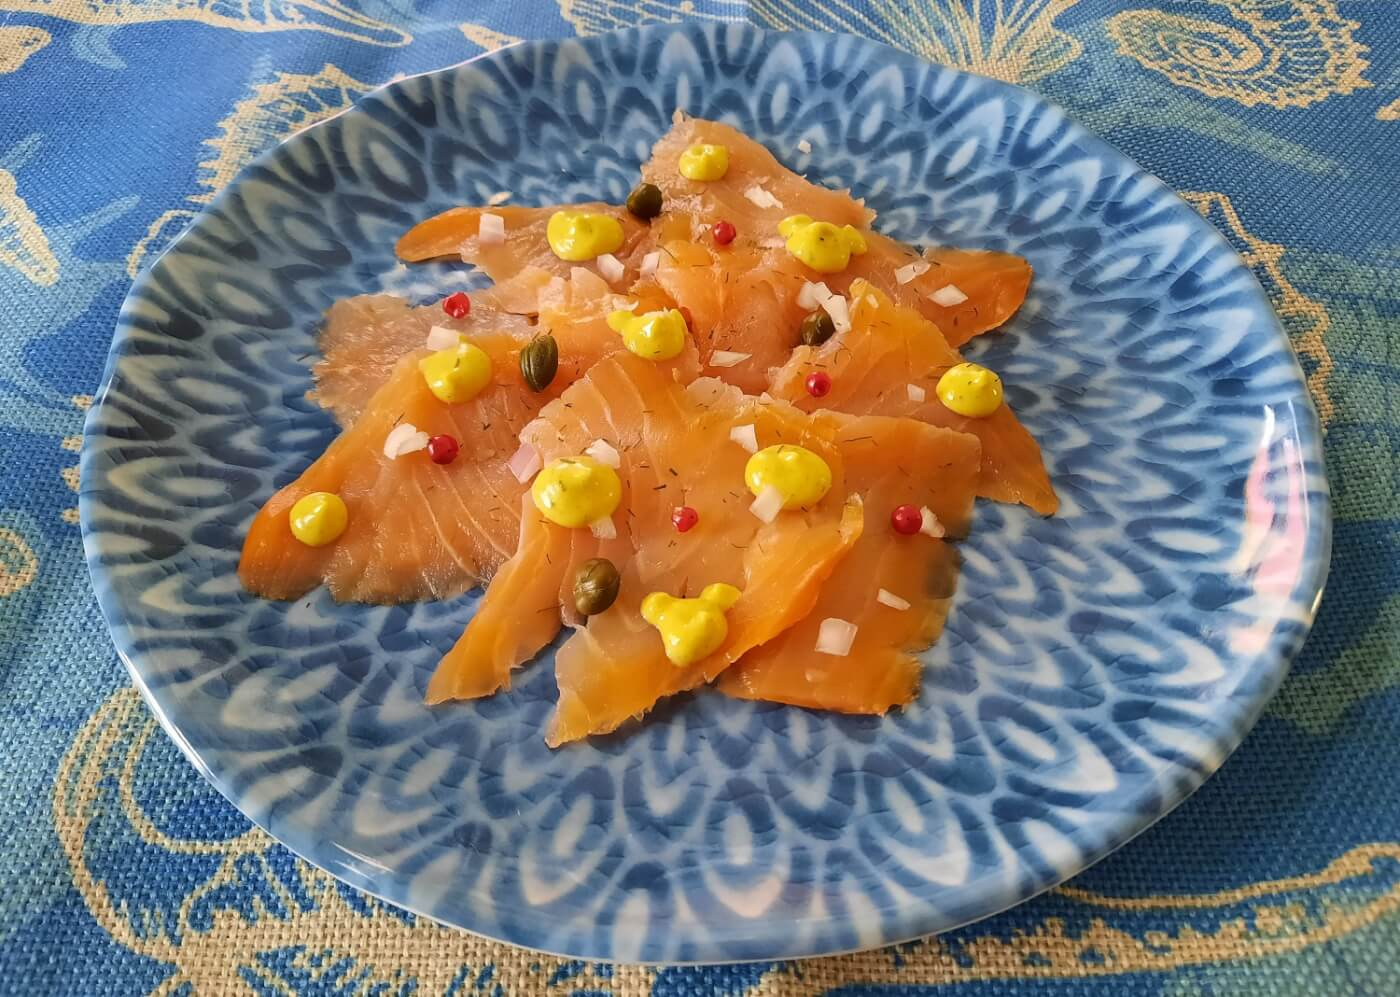 Räucherlachs hübsch angerichtet mit Honig-Senf-Sauce, fein geschnittenen Schalotten, pinkem Pfeffer und Kapern